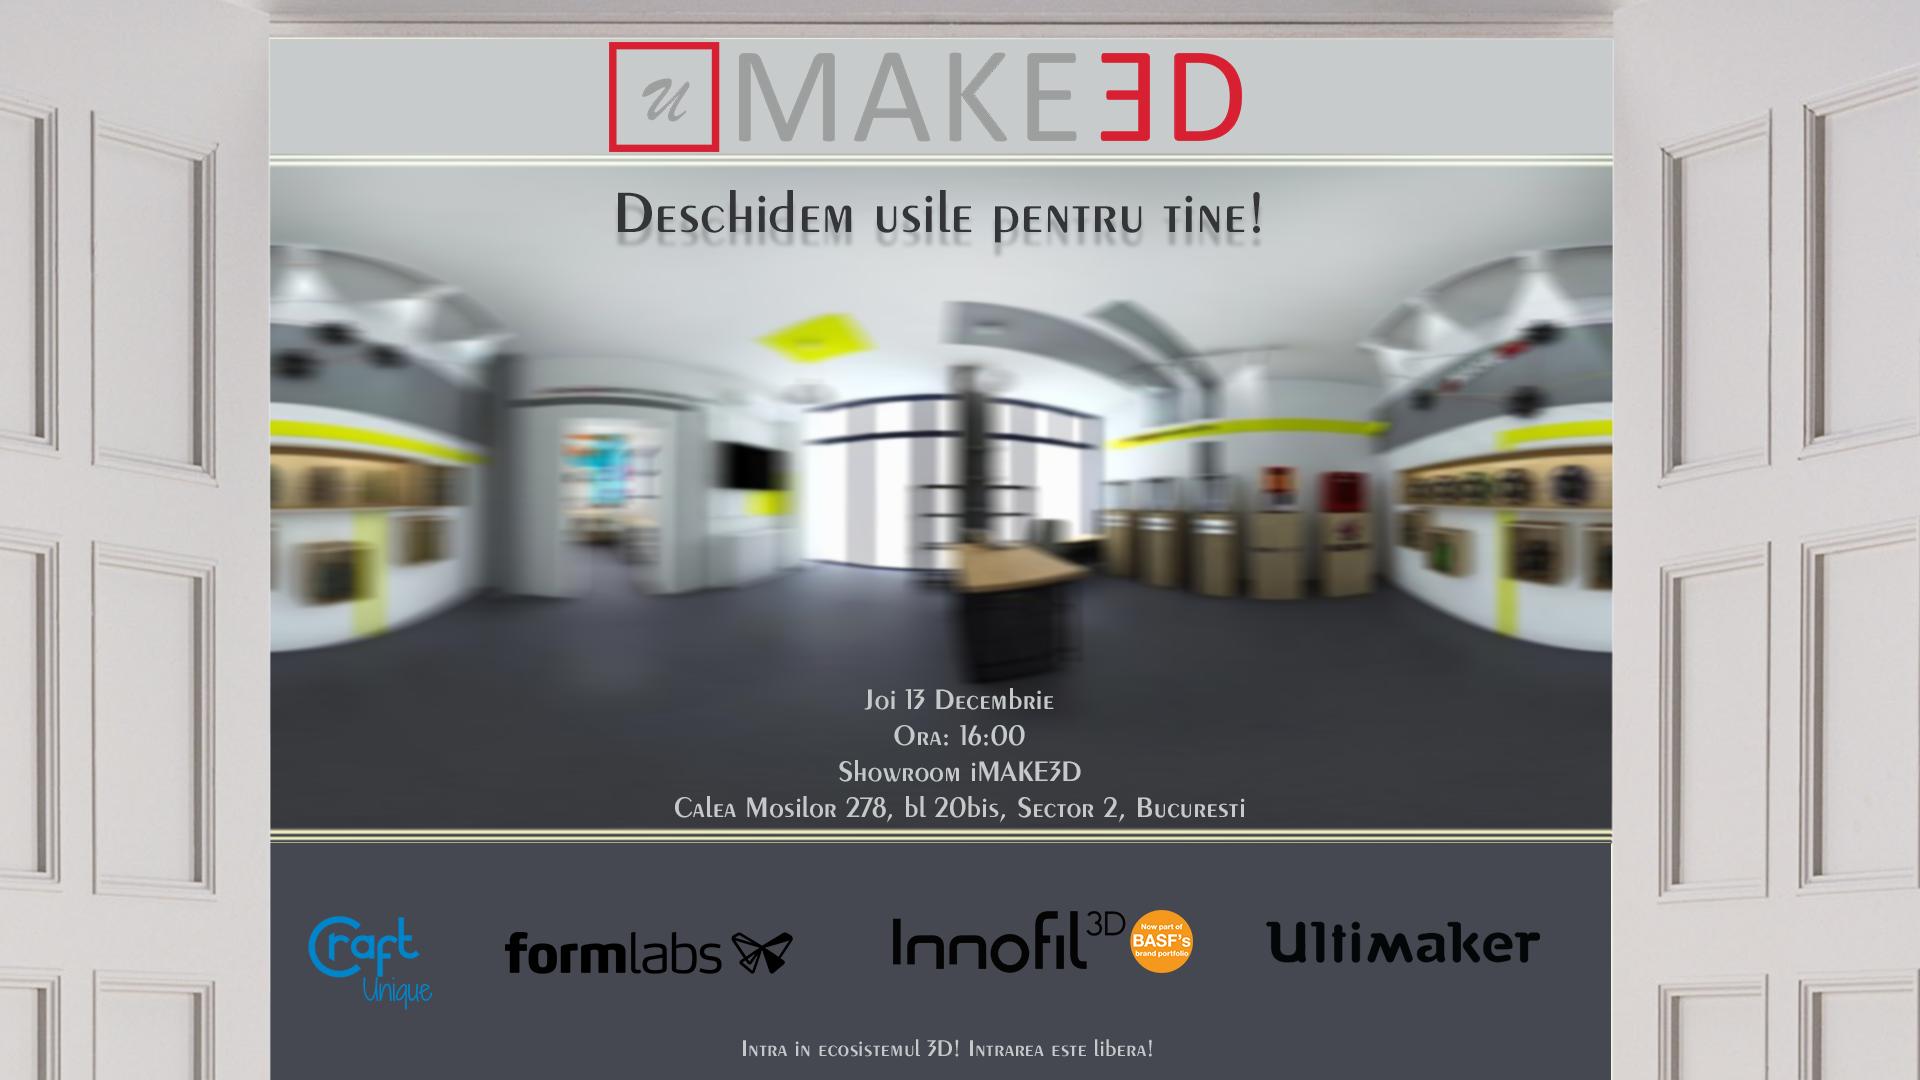 eveniment uMAKE3D